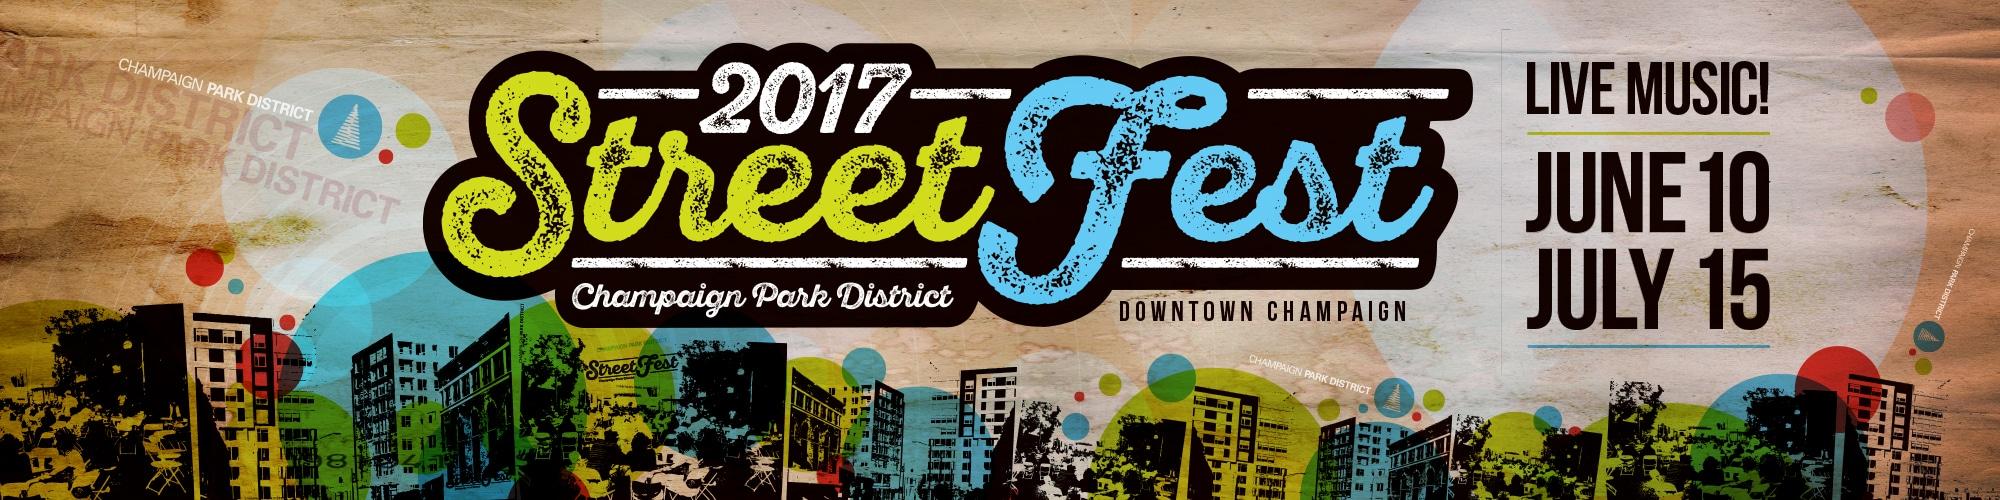 StreeFest2017-2000x500-Slider